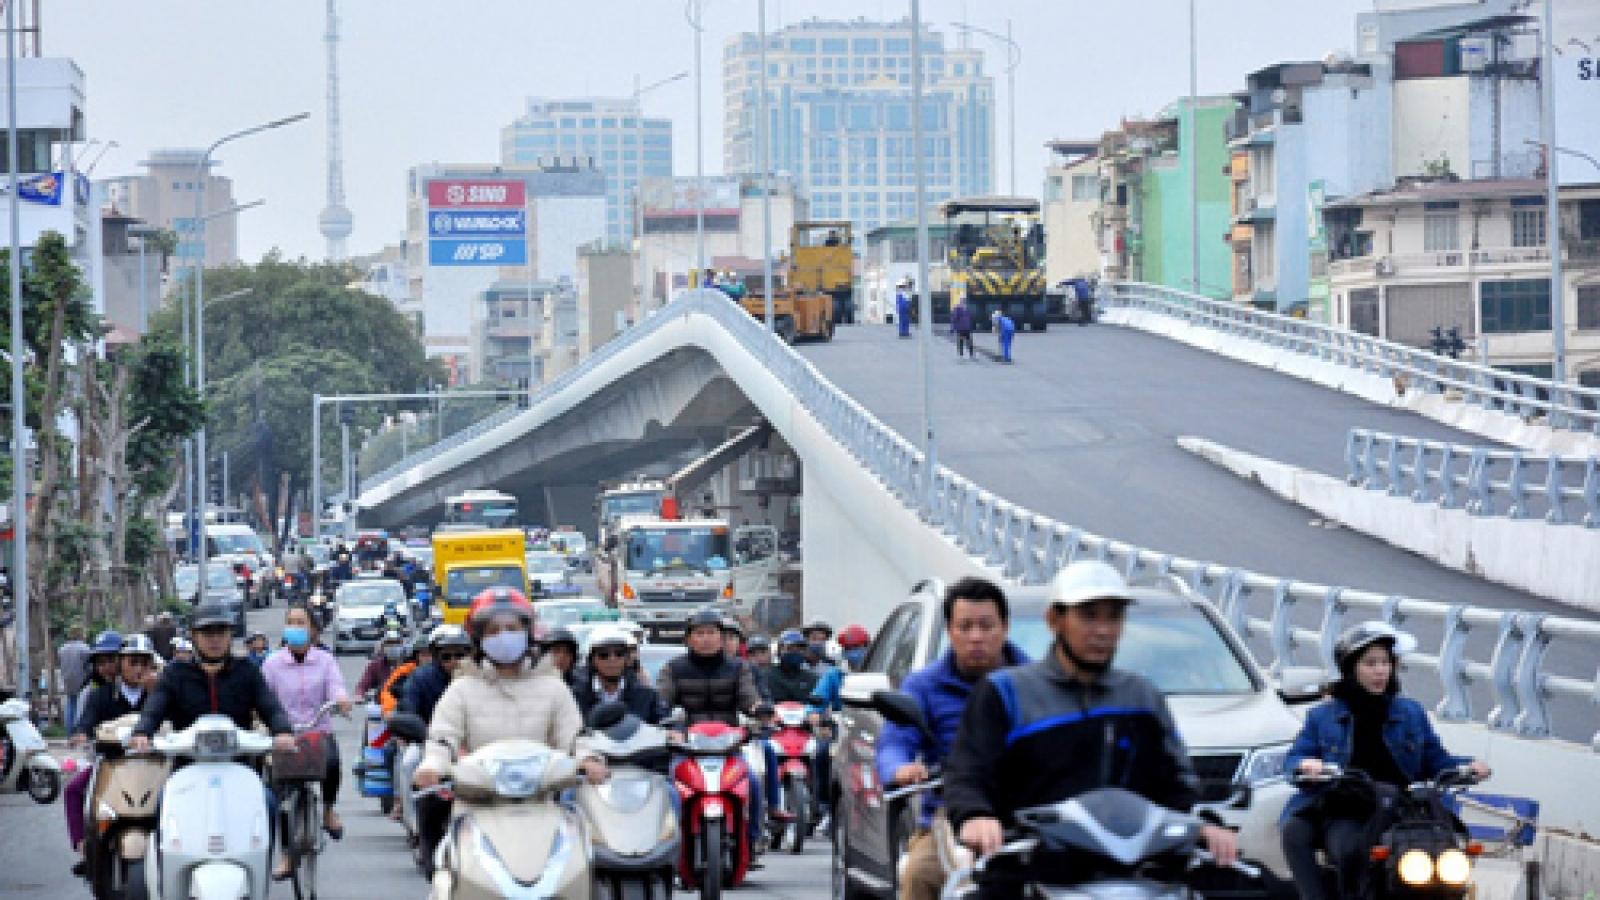 Major new interchange with overpass set to open in Hanoi